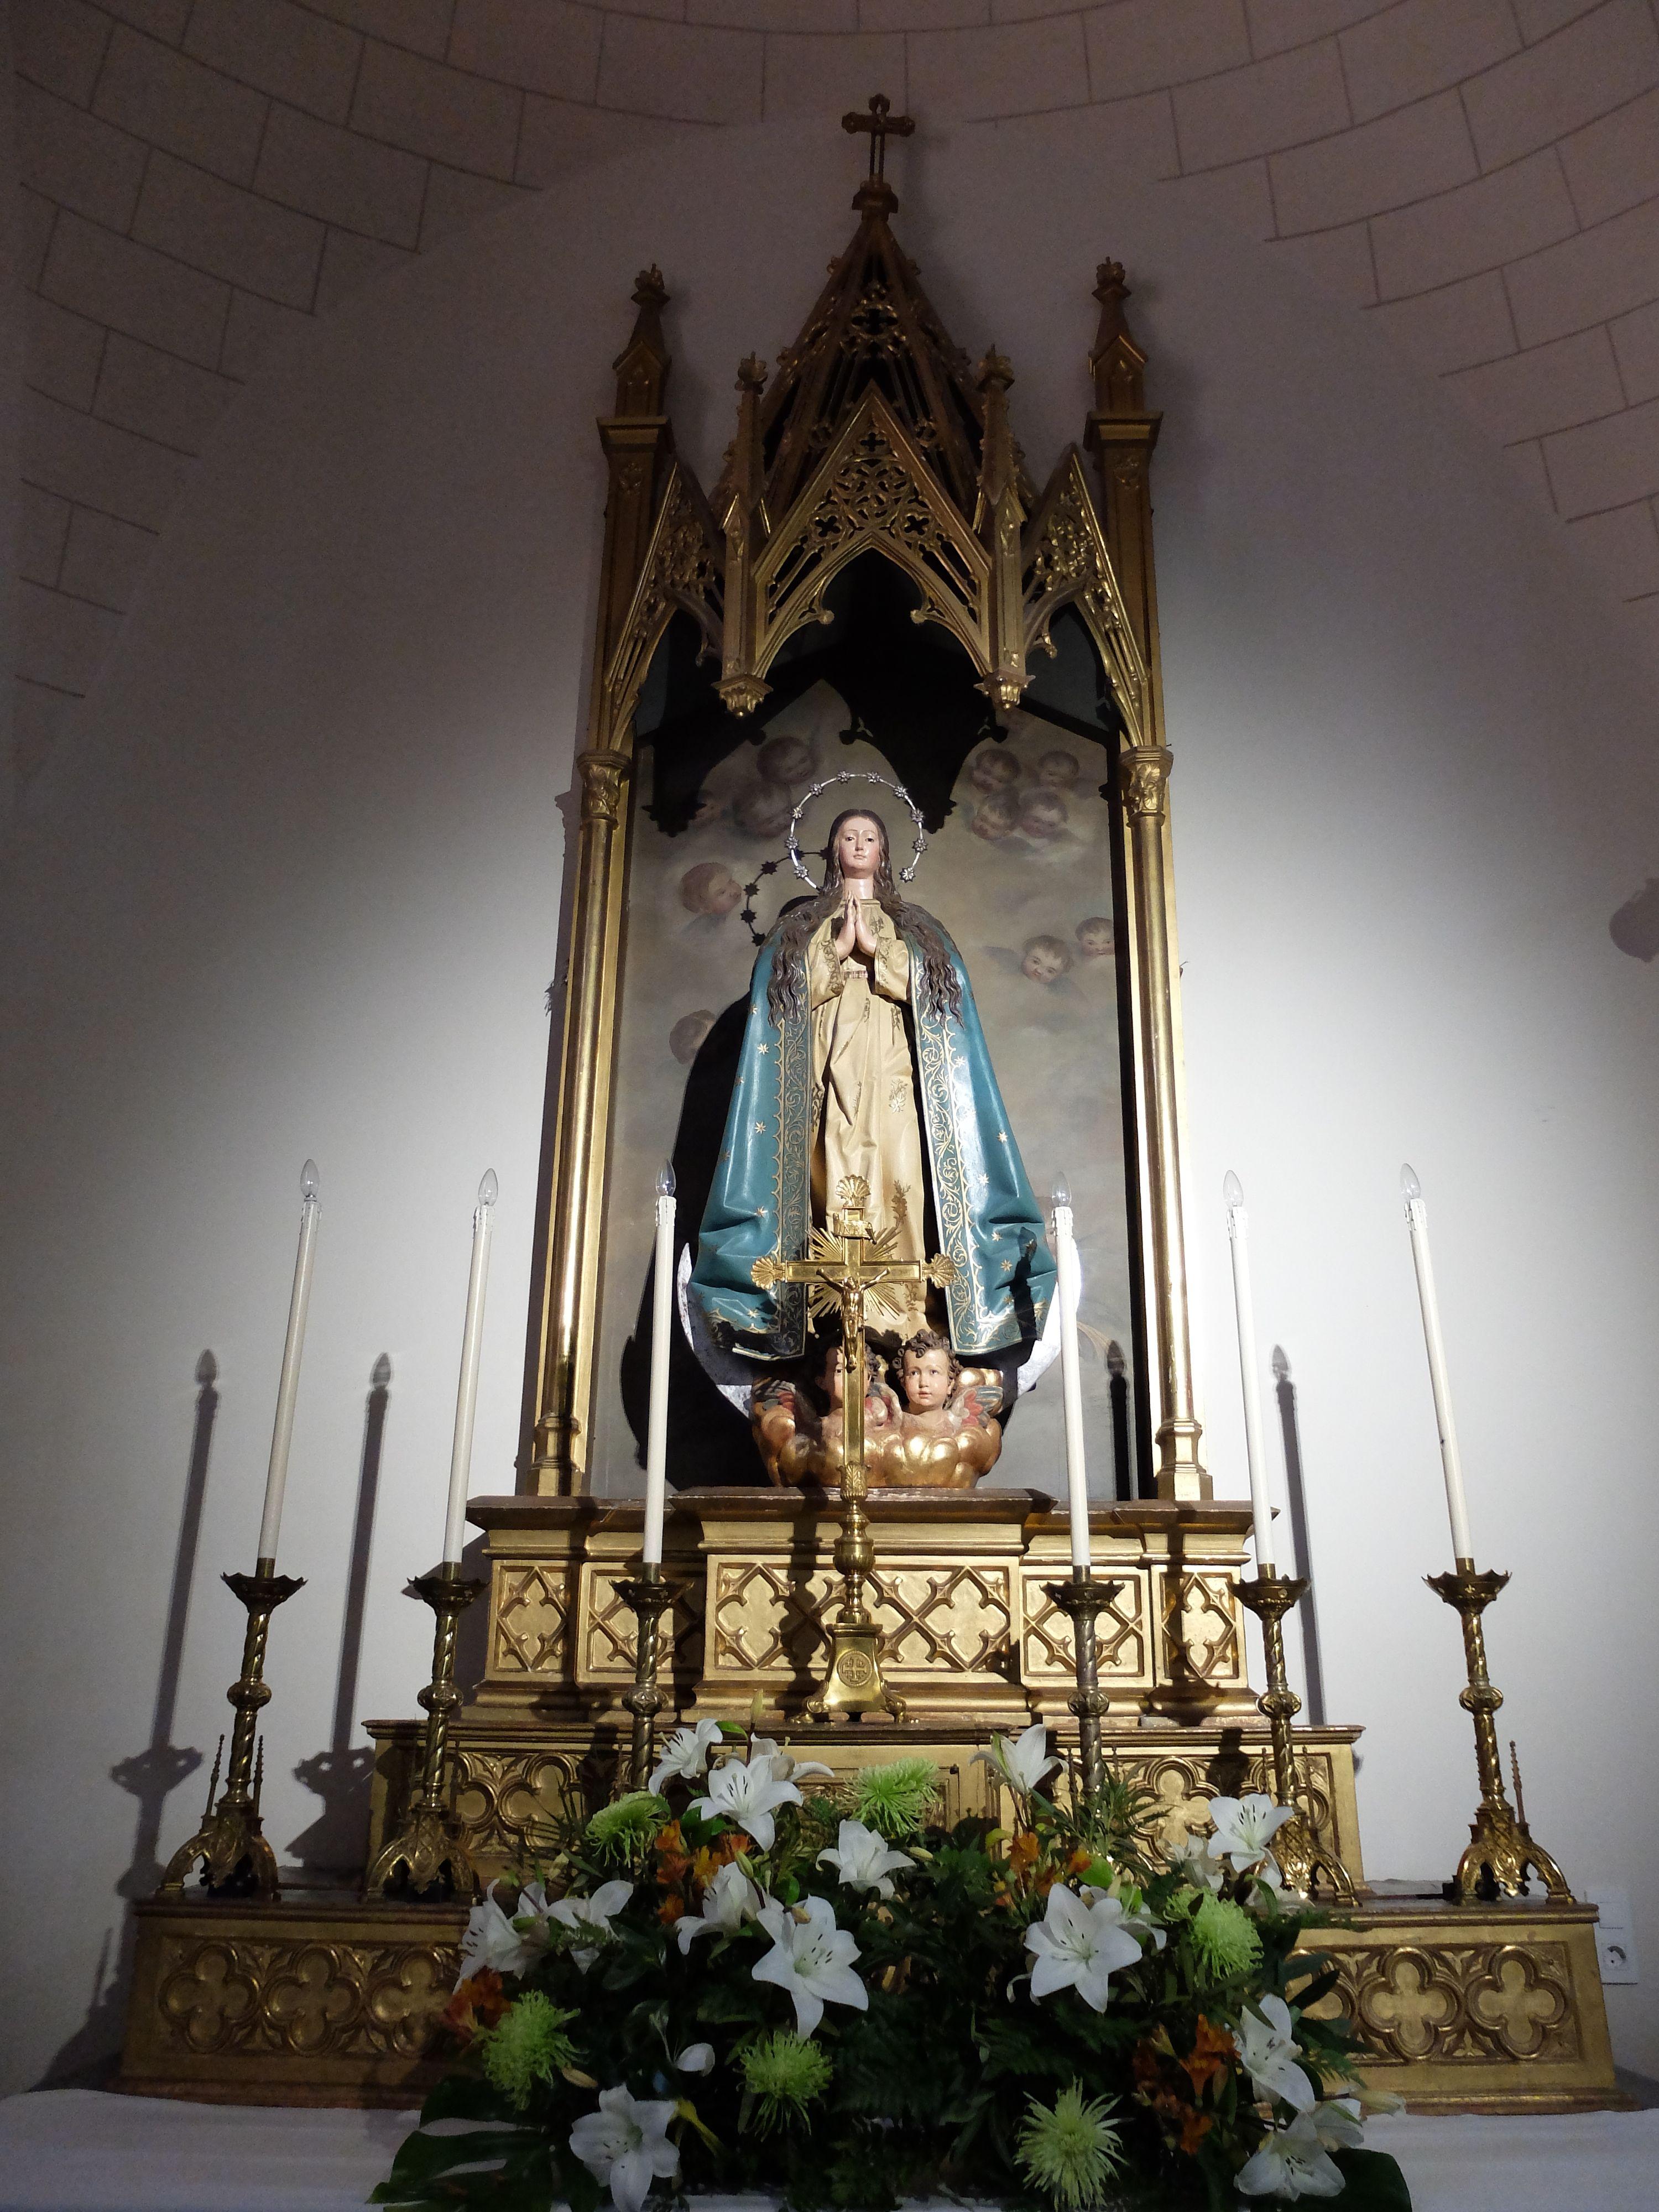 Capilla de la Inmaculada Concepción. Retablo e imagen de la titular